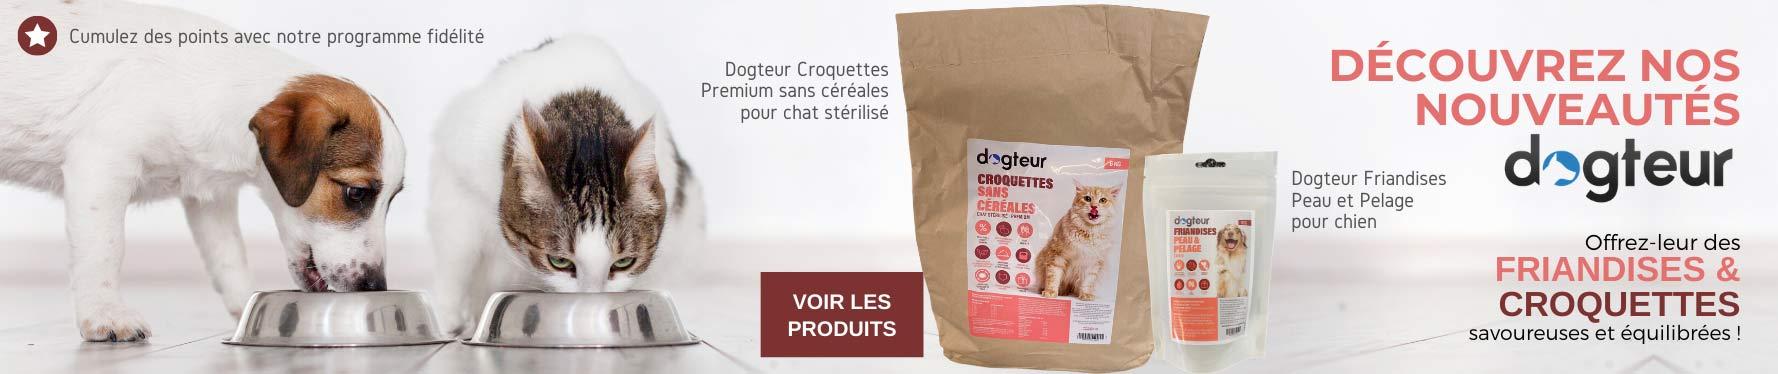 Nouveaux produits Dogteur